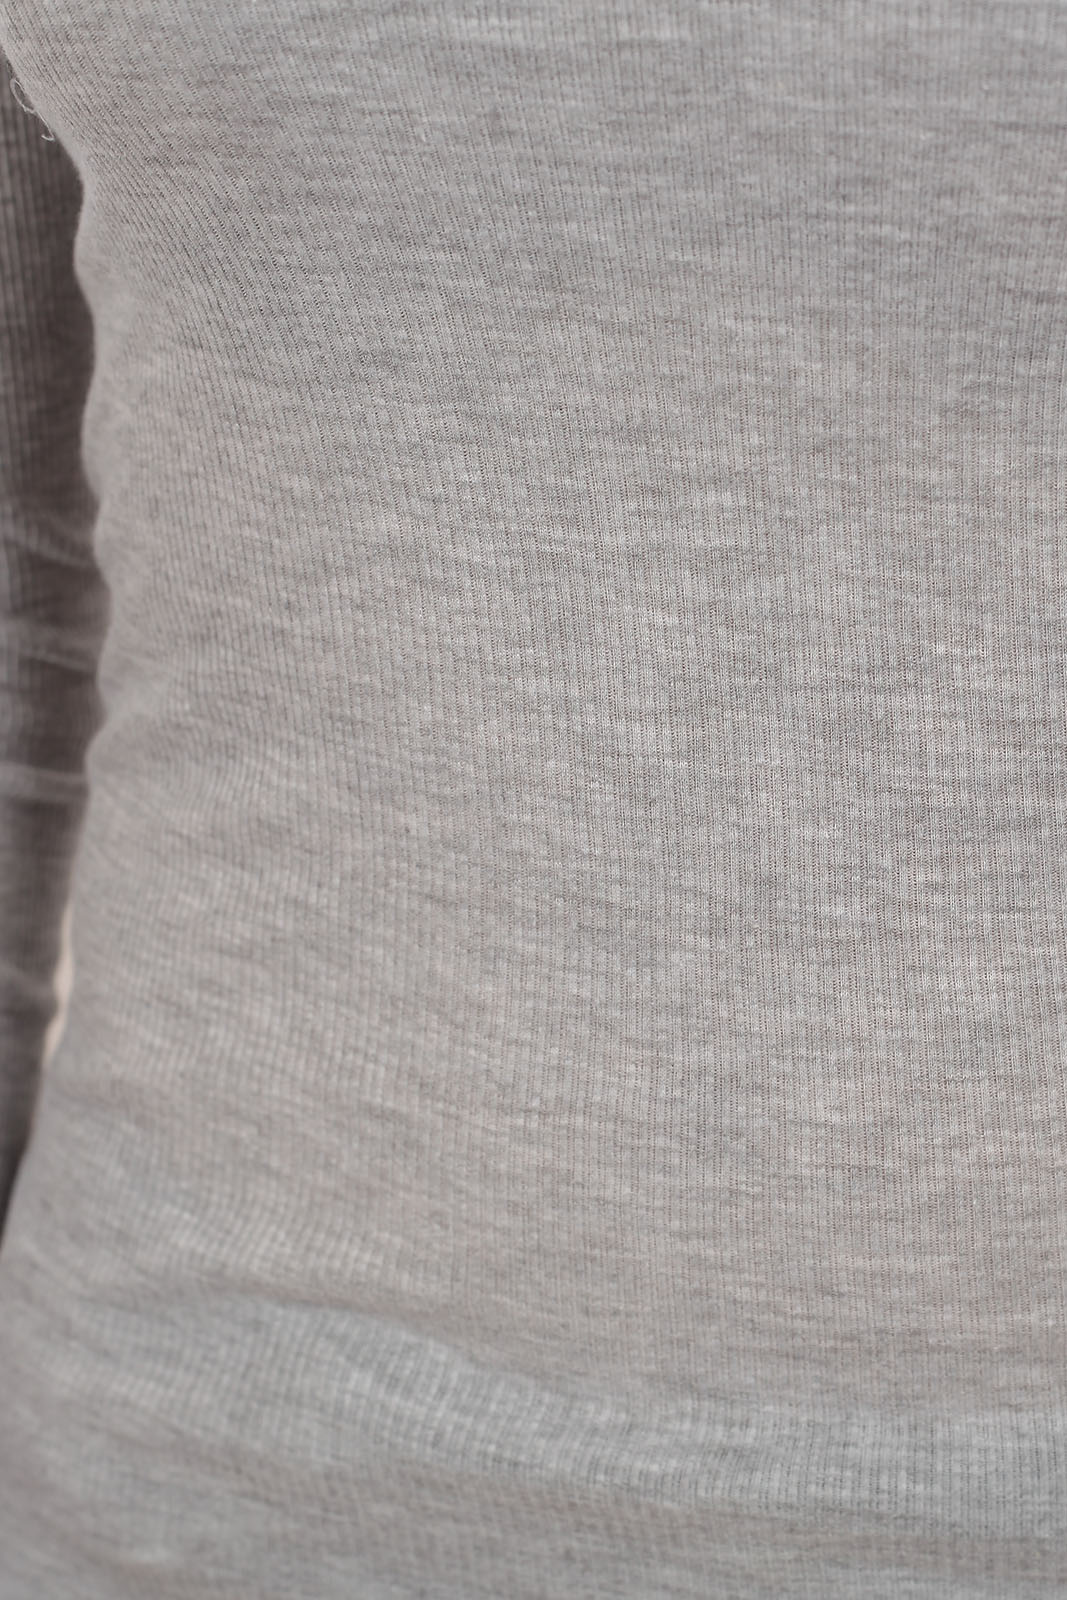 Серая женская кофта Cotton on. Модный минимализм, который должен быть в гардеробе каждой девушки и женщины